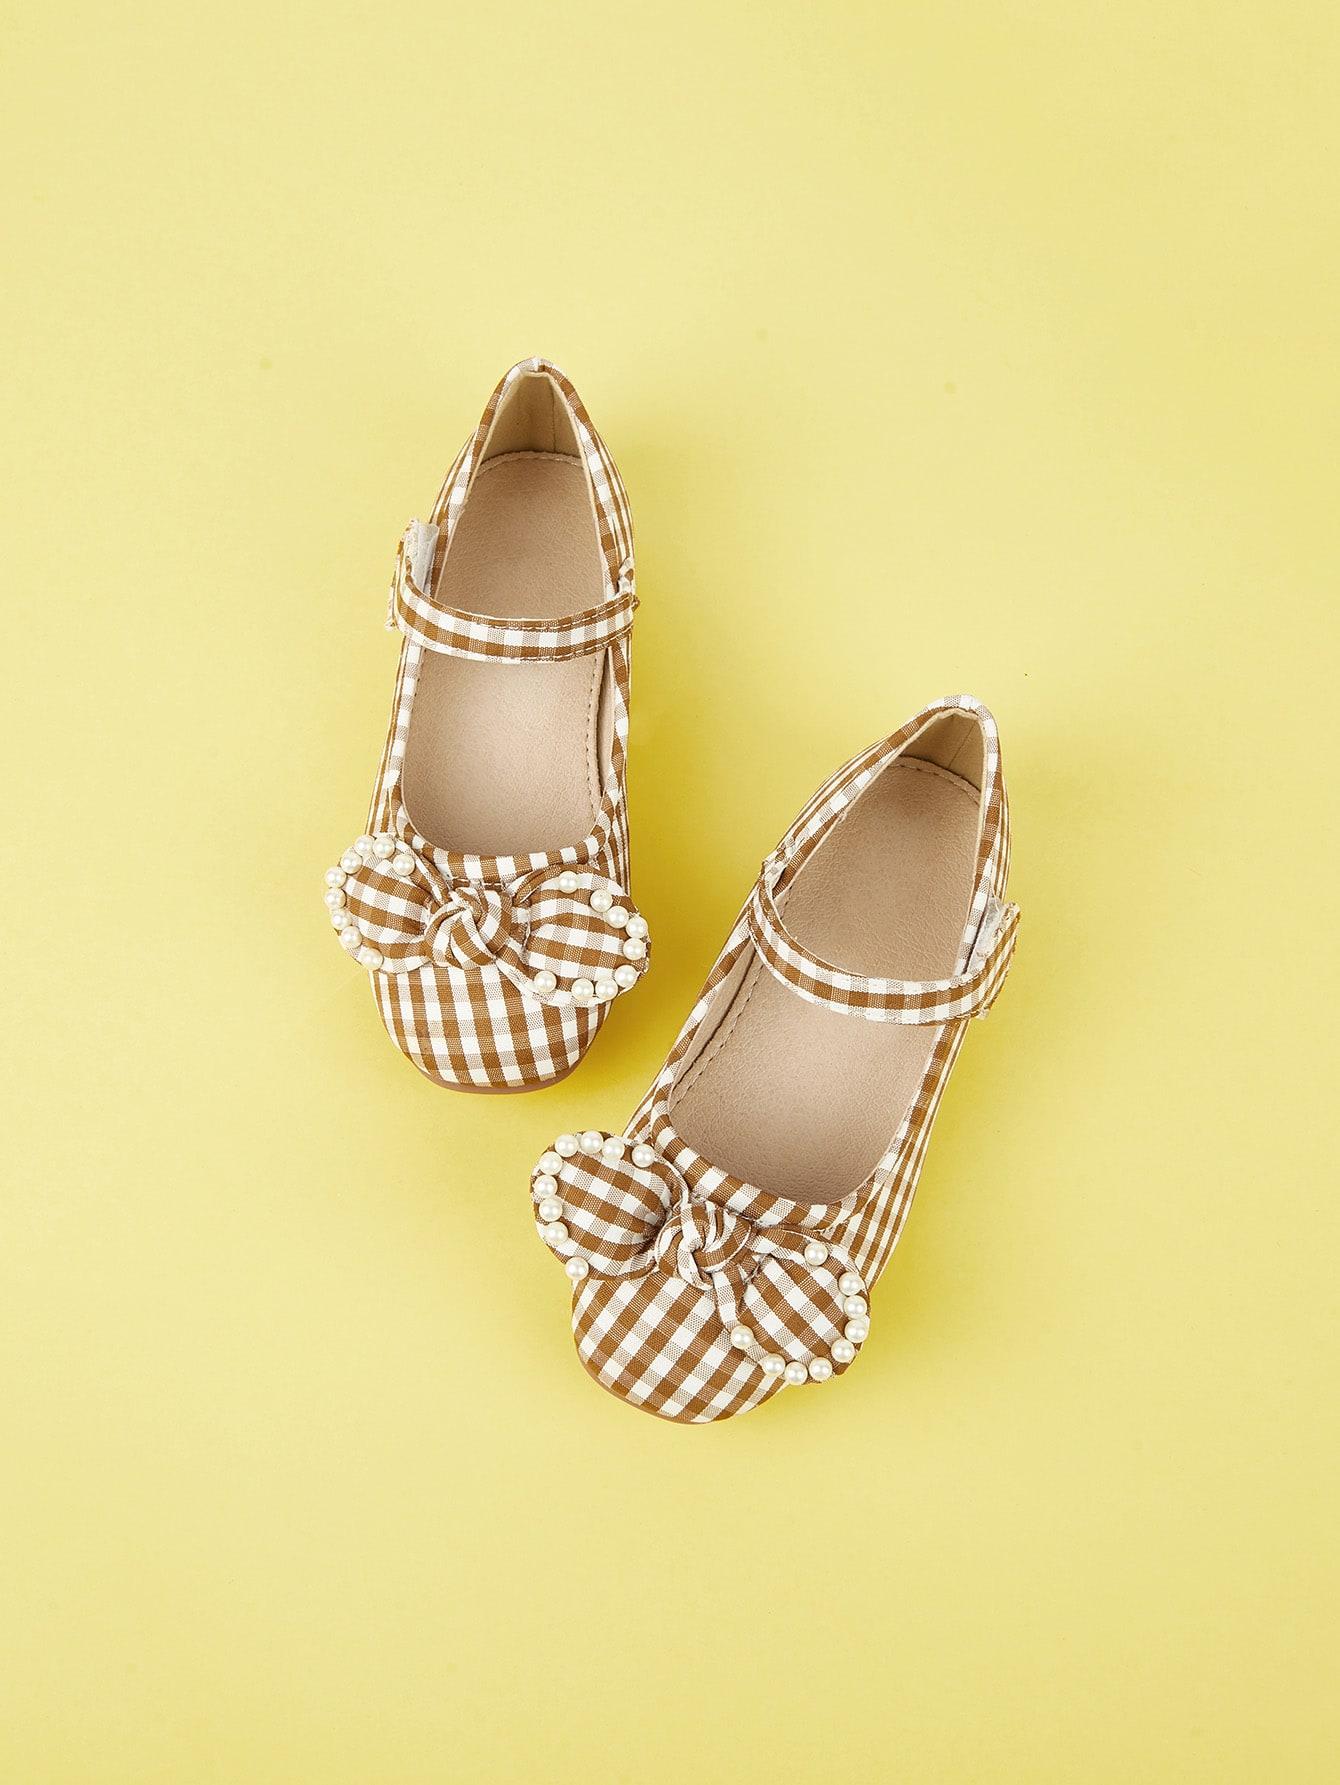 Купить Туфли на плоской подошве в клетку с бантом для маленьких девочек, null, SheIn